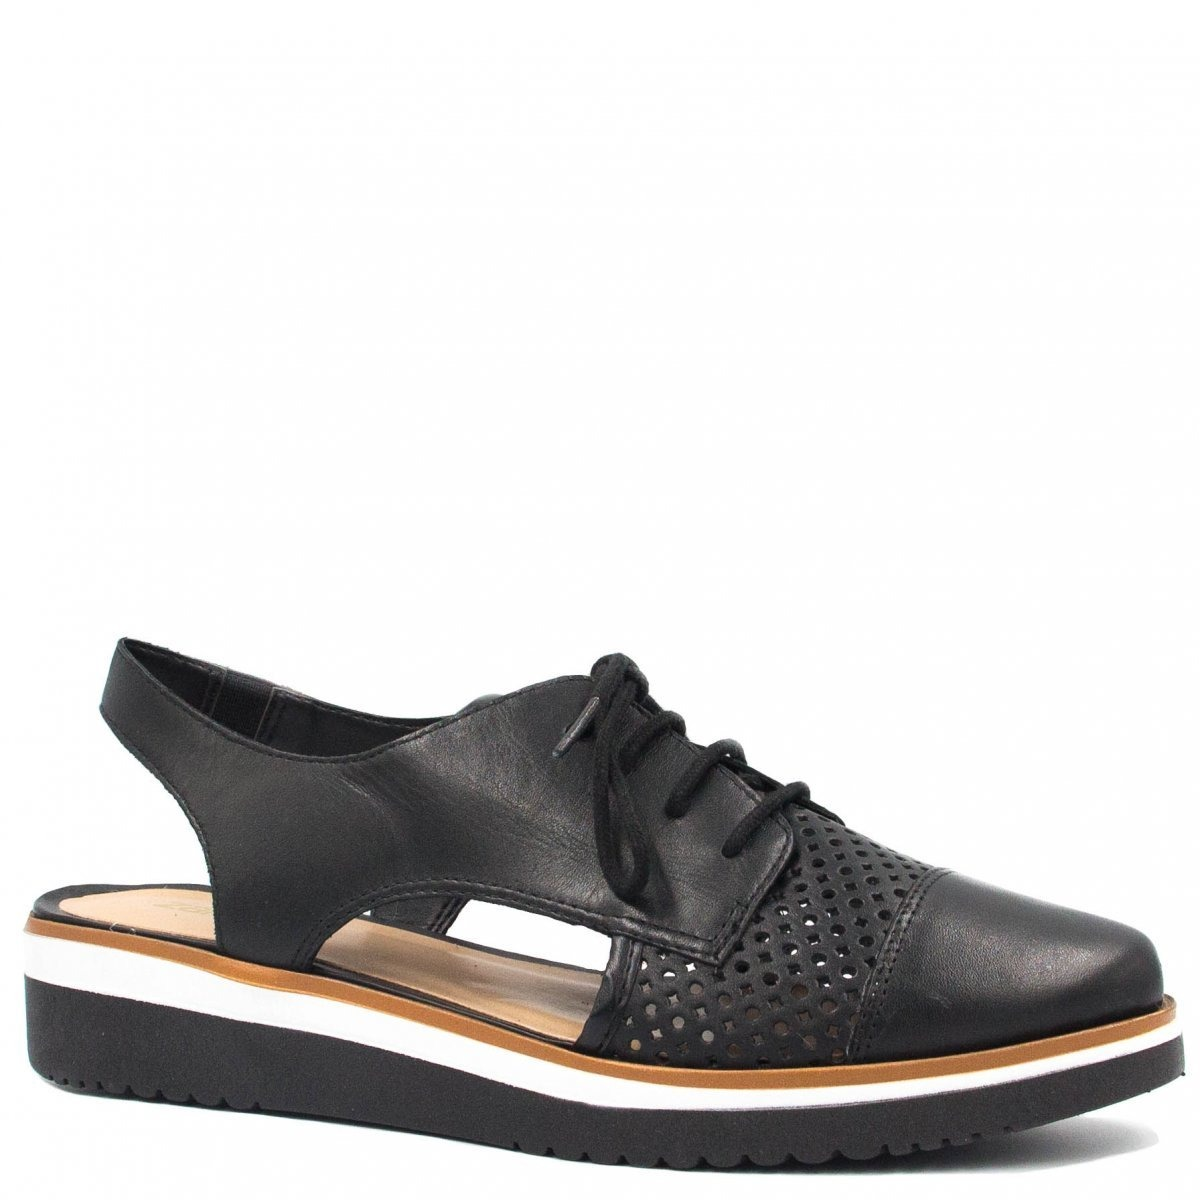 8bc7ce3598 Sapato Feminino Zariff Shoes Oxford Vazado Preto 20537a - R  184